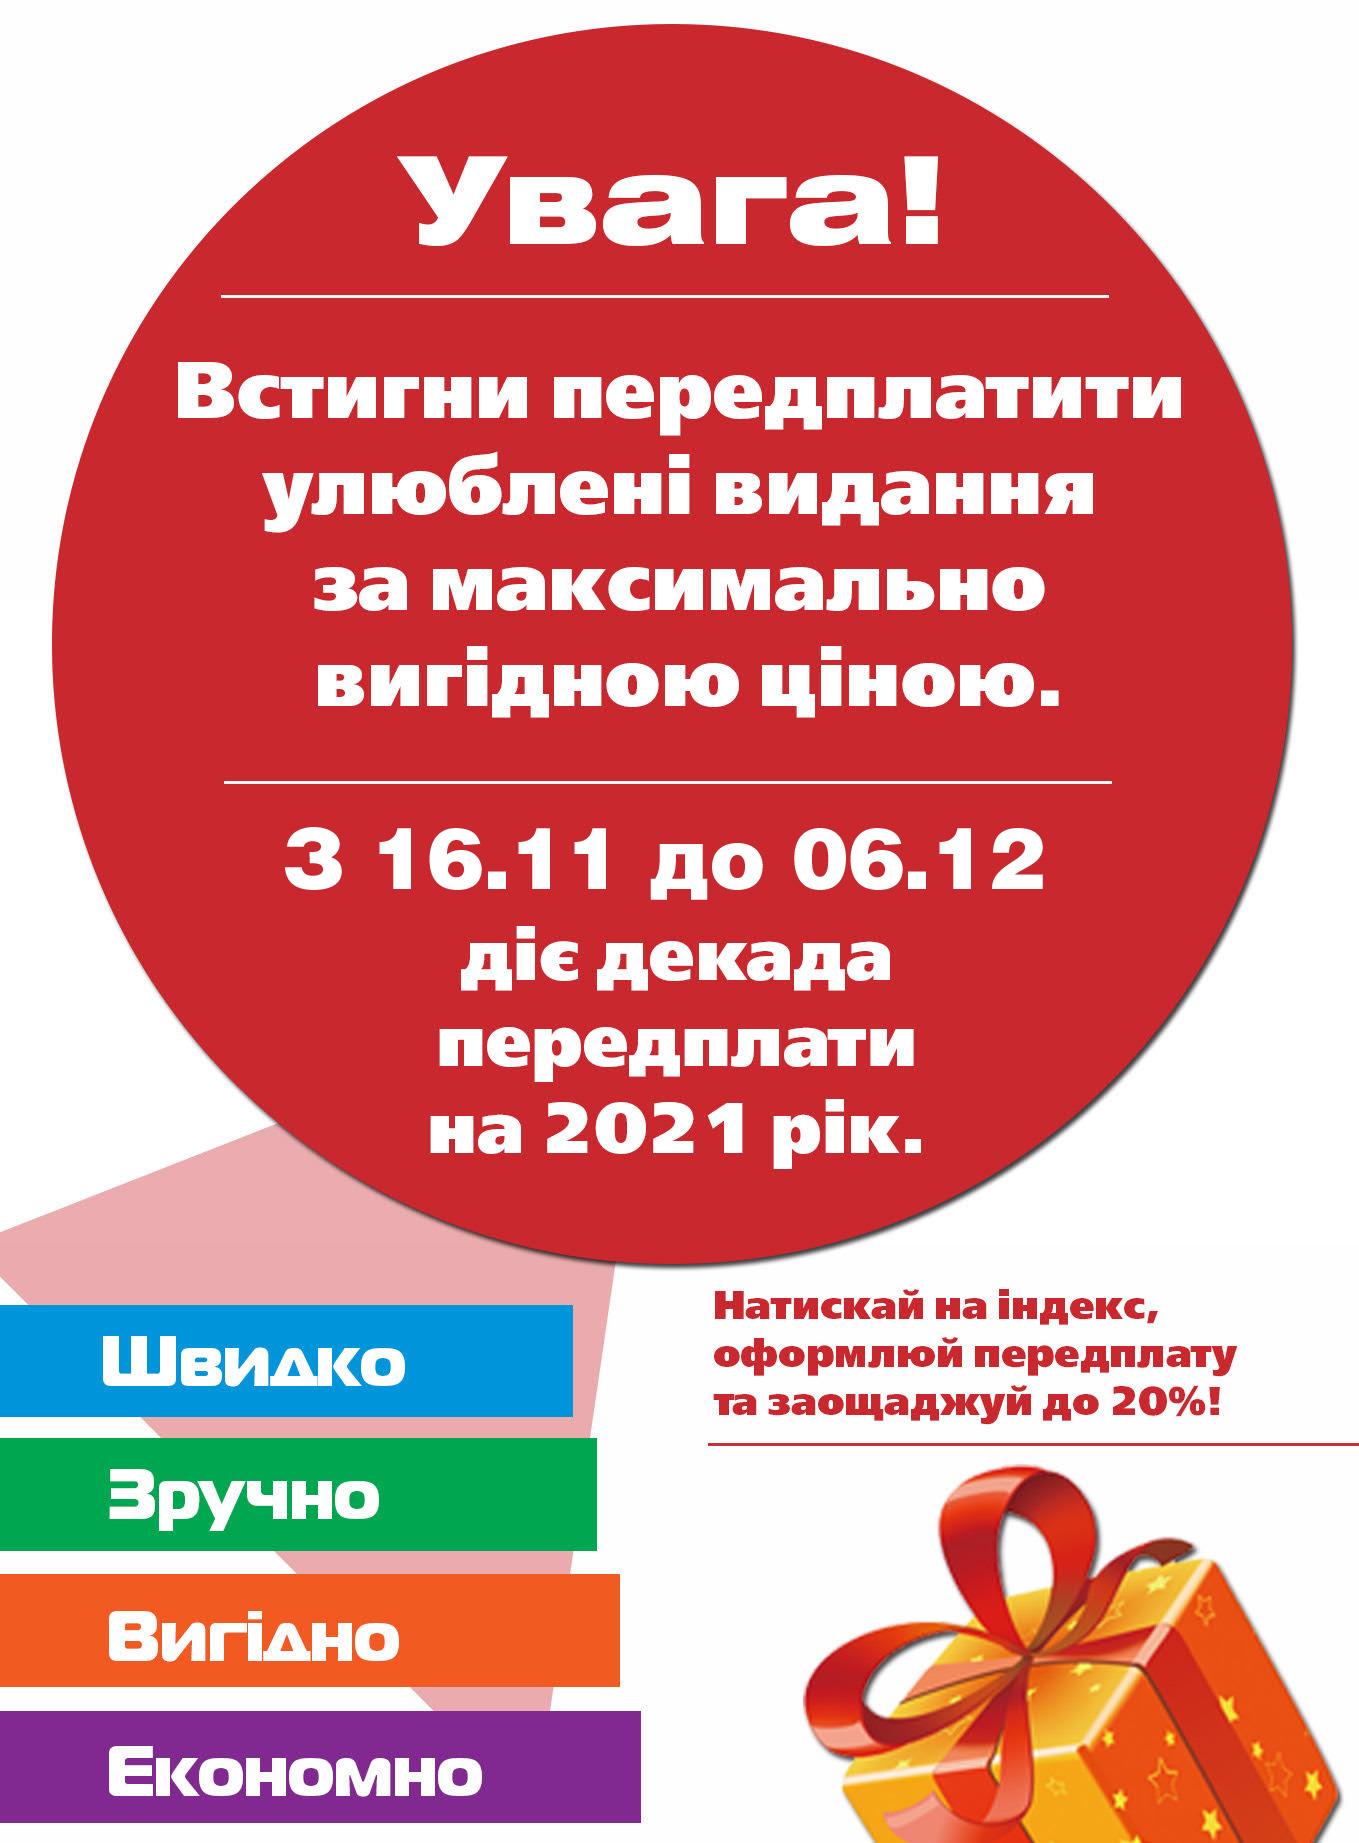 Декада передплати на 2021 рік (ціни діють з 16.11 до 06.12)